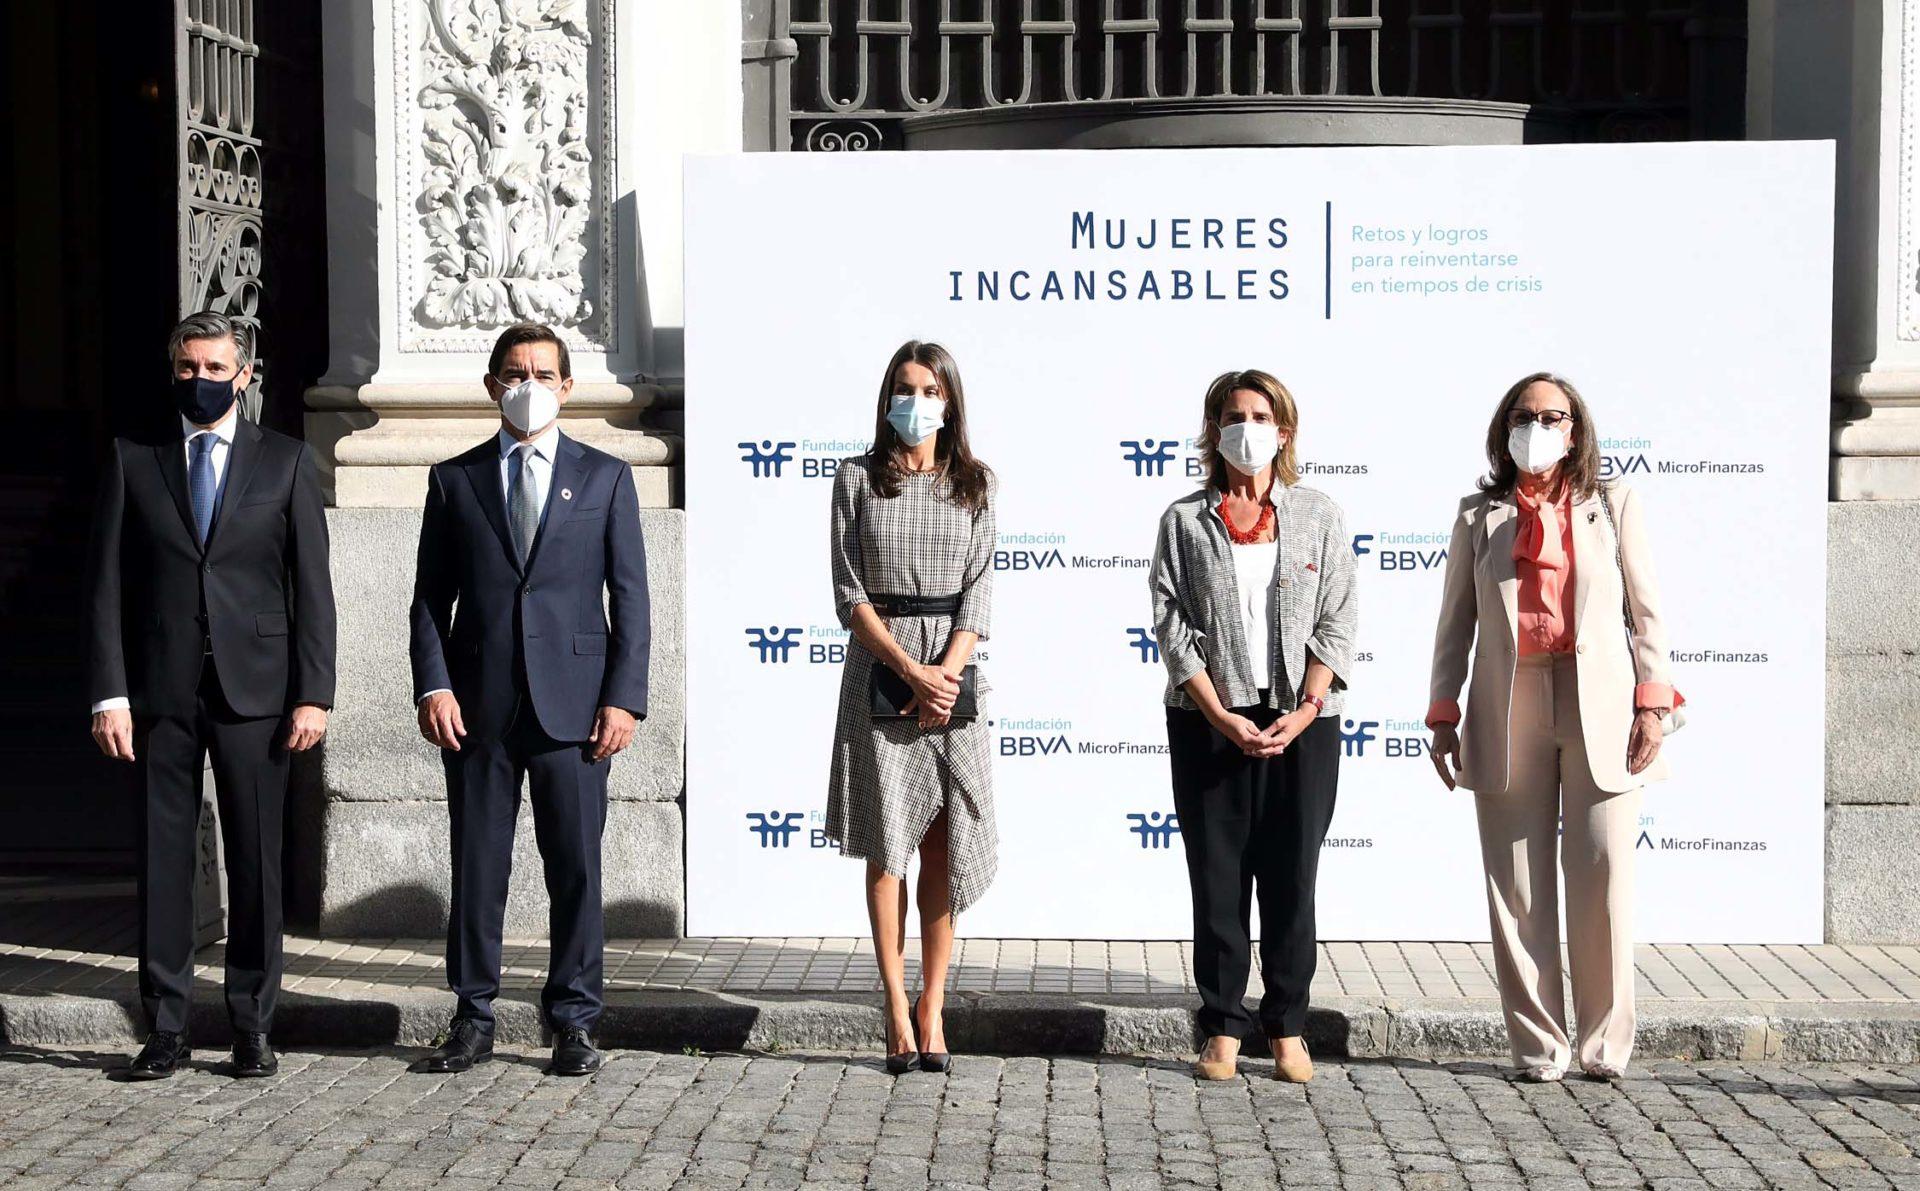 La reina Letizia y BBVA reconocen el esfuerzo de las mujeres frente a la pandemia